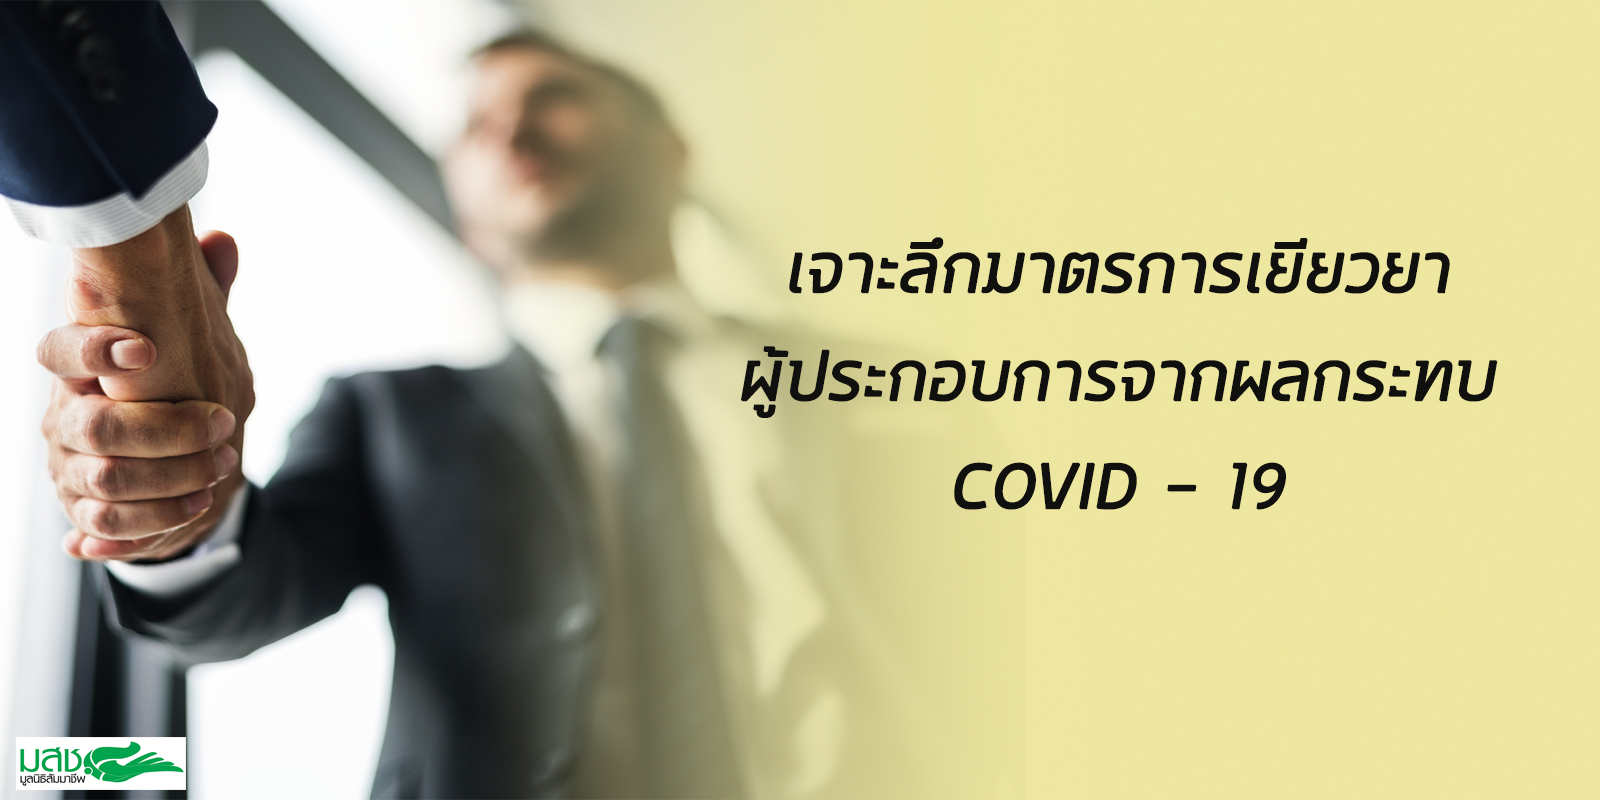 เจาะลึกมาตรการเยียวยาผู้ประกอบการจากผลกระทบ COVID – 19